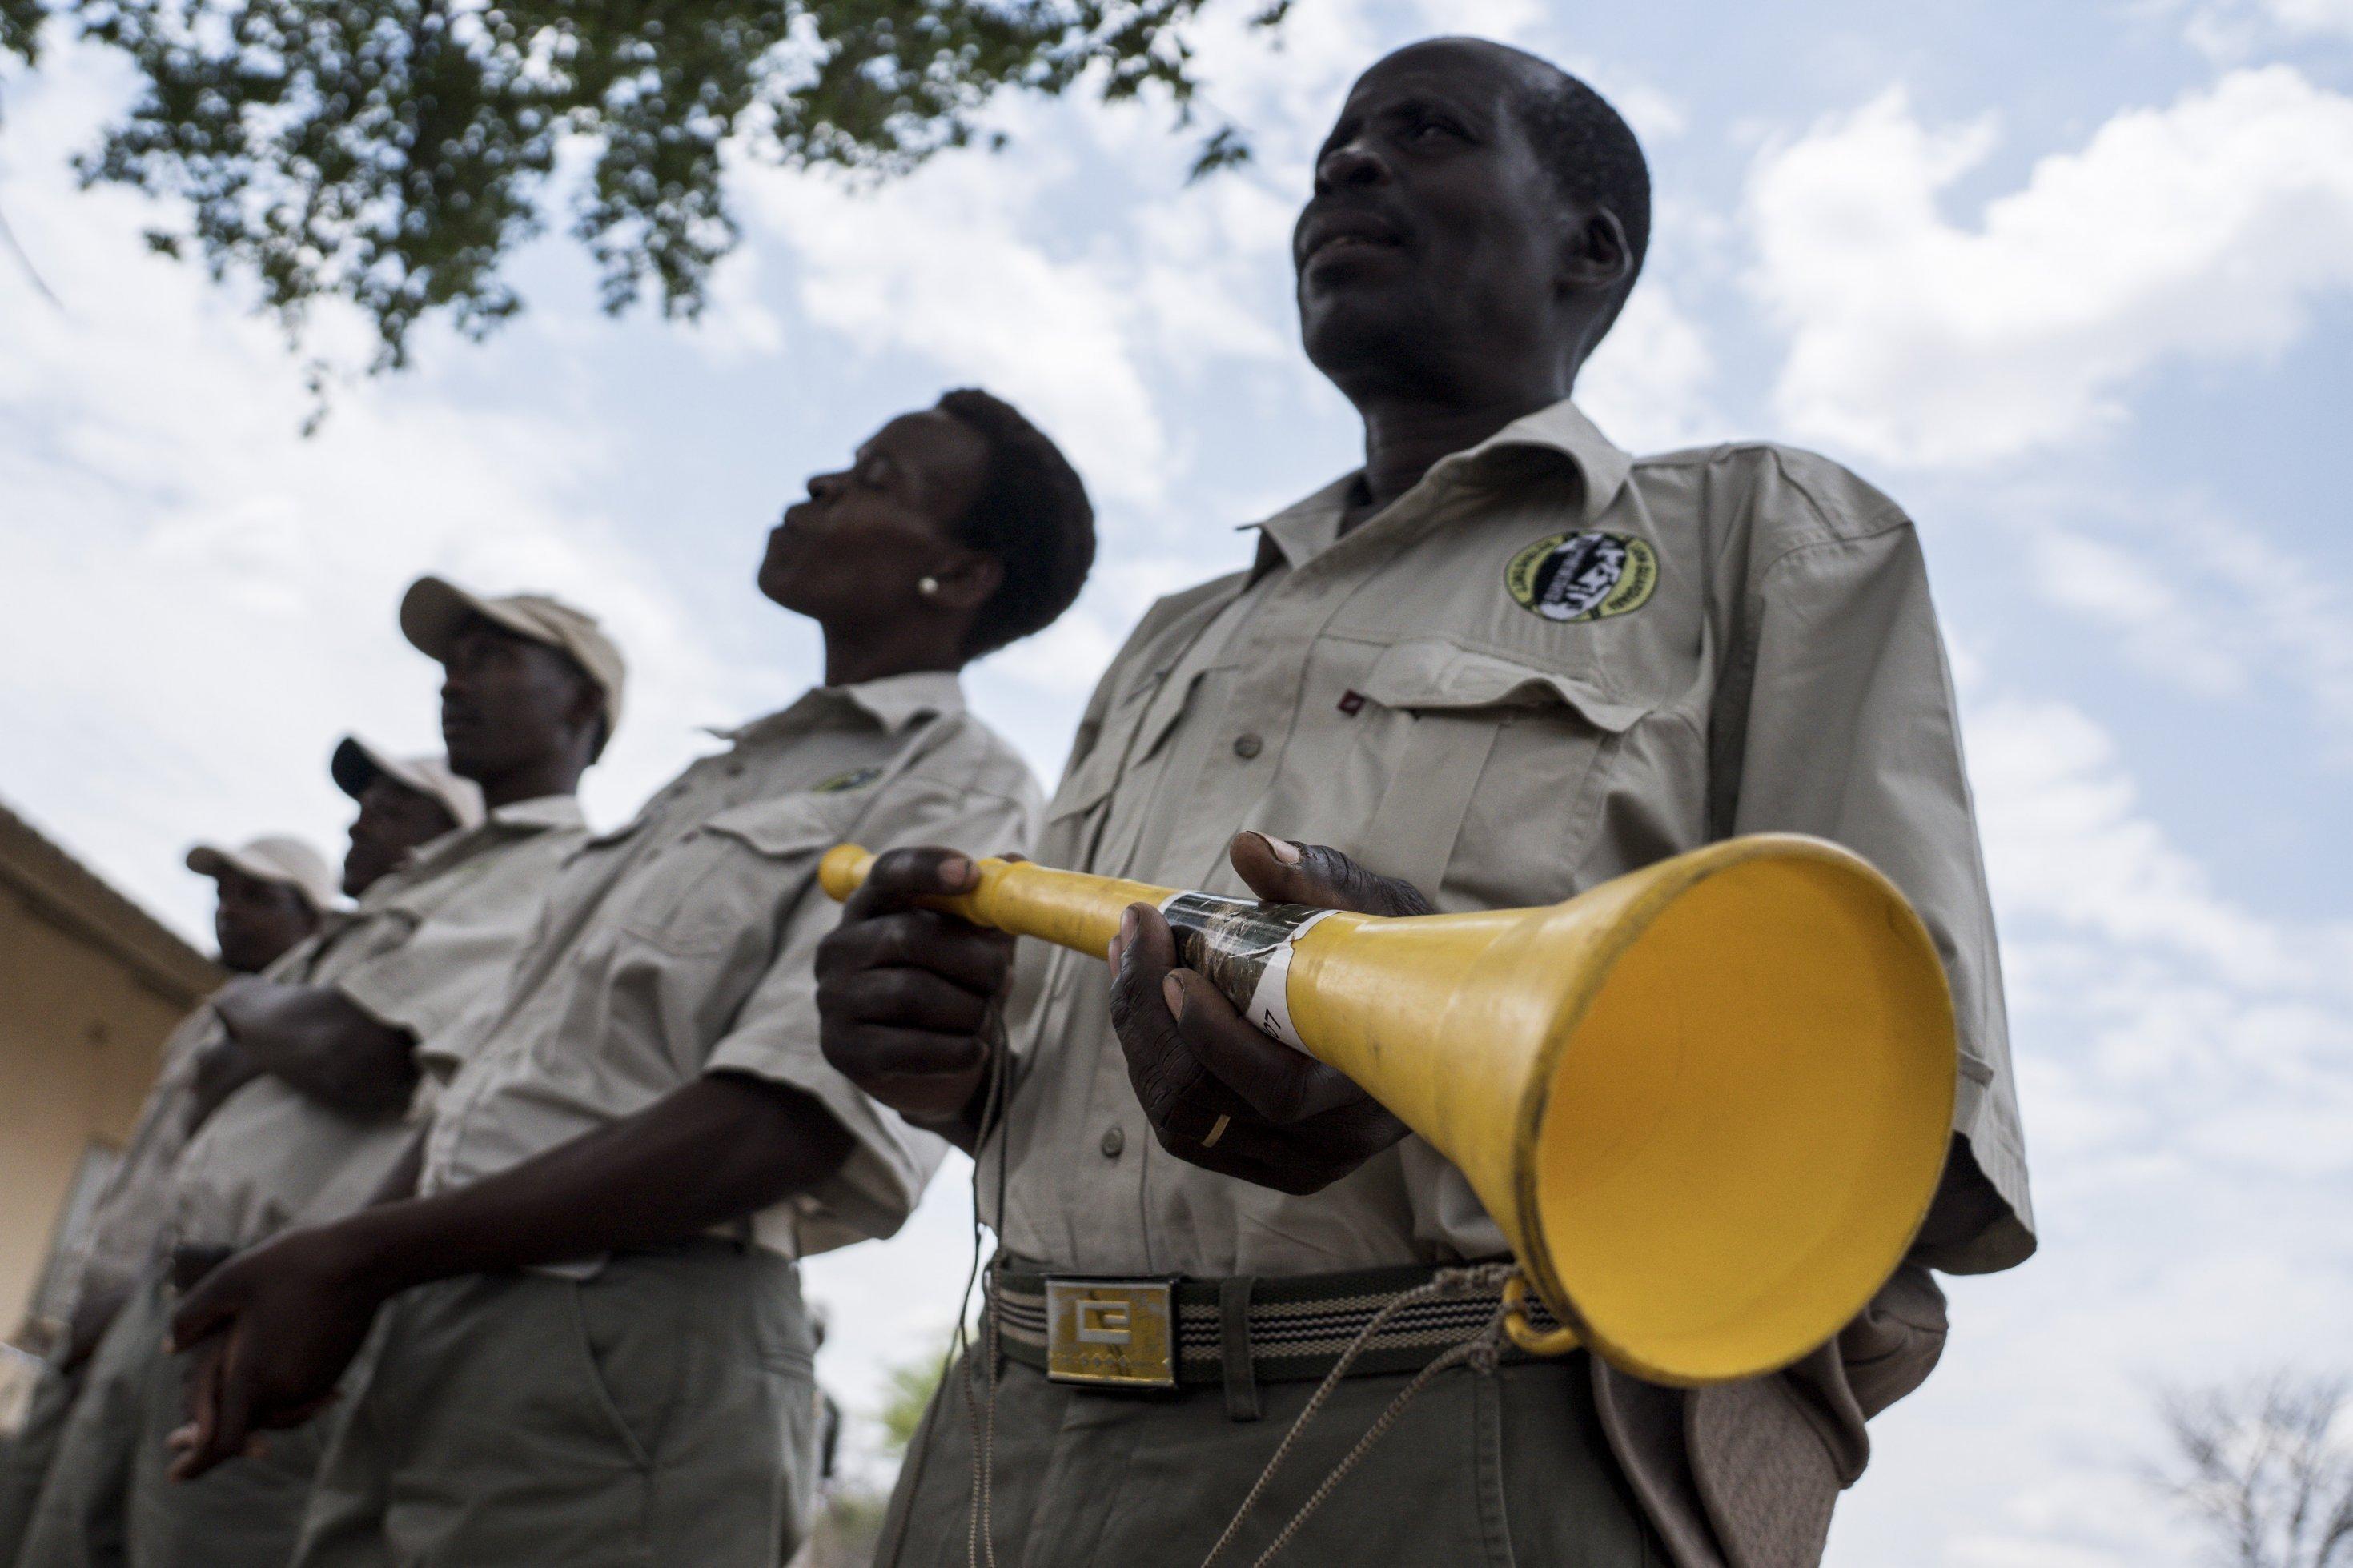 Die Lion Guardians stehen in einer Reihe, der Mann im Vordergrund hält eine Vuvuzela, eine gelbe Plastiktröte in den Händen